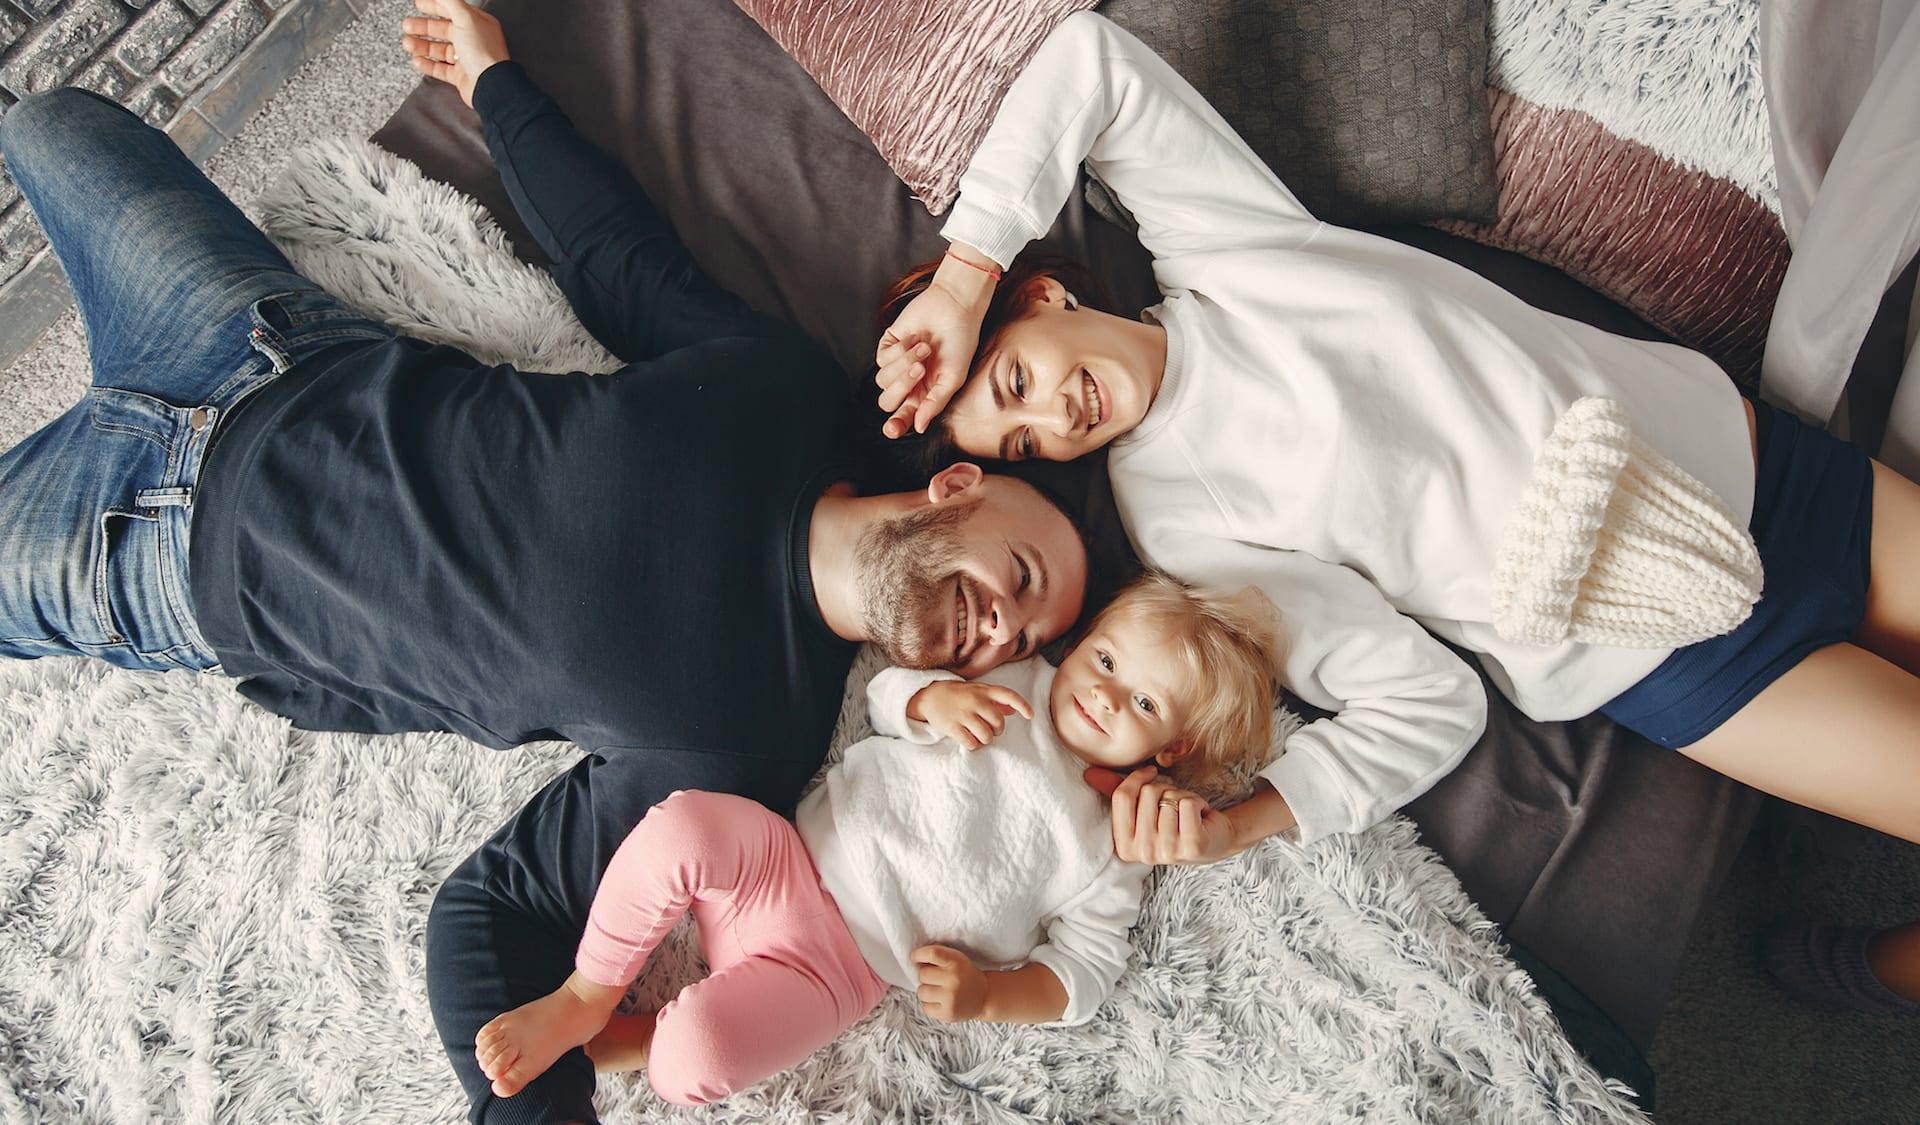 Für Arkitura ist die Familie besonders wichtig. Familie, Mutter Vater und Kind liegen glücklich am Teppich